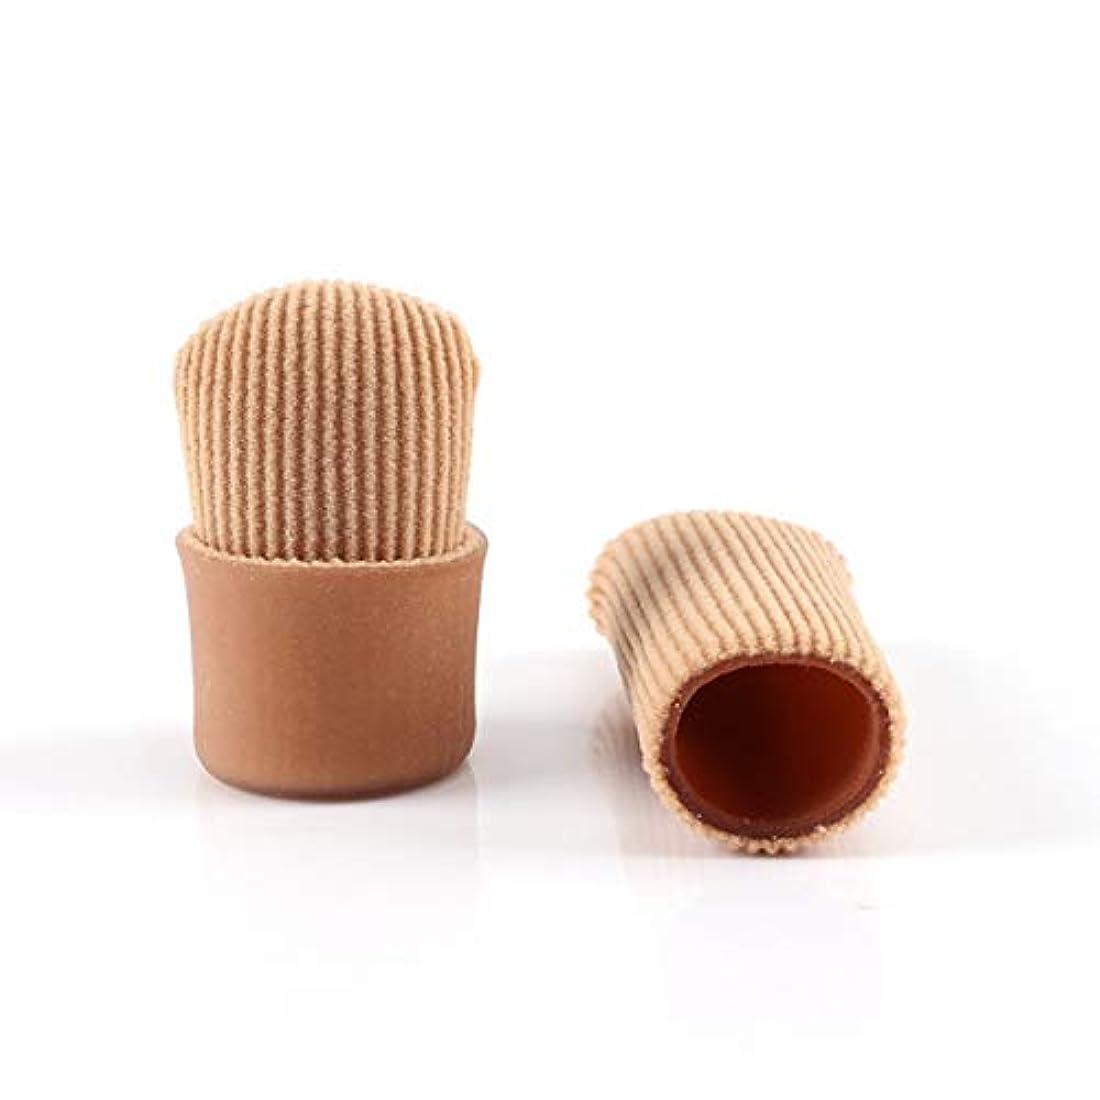 ブラジャー今まで期待してOpen Toe Tubes Gel Lined Fabric Sleeve Protectors To Prevent Corns, Calluses And Blisters While Softening Soothing...